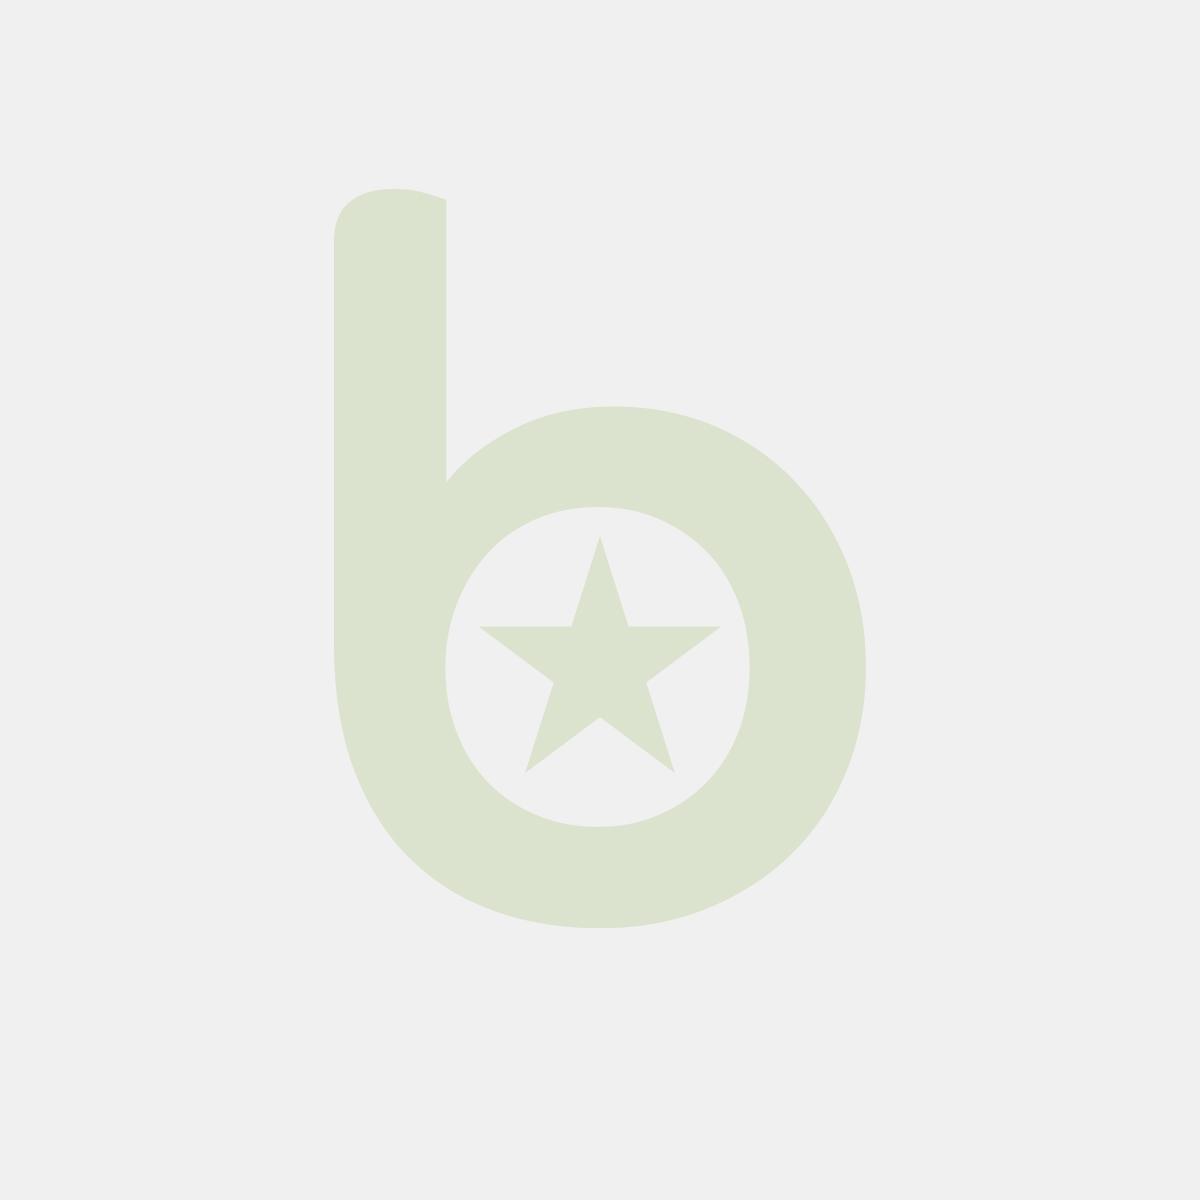 Marker permanentny SCHNEIDER Maxx 233, ścięty, 1-5mm, zielony